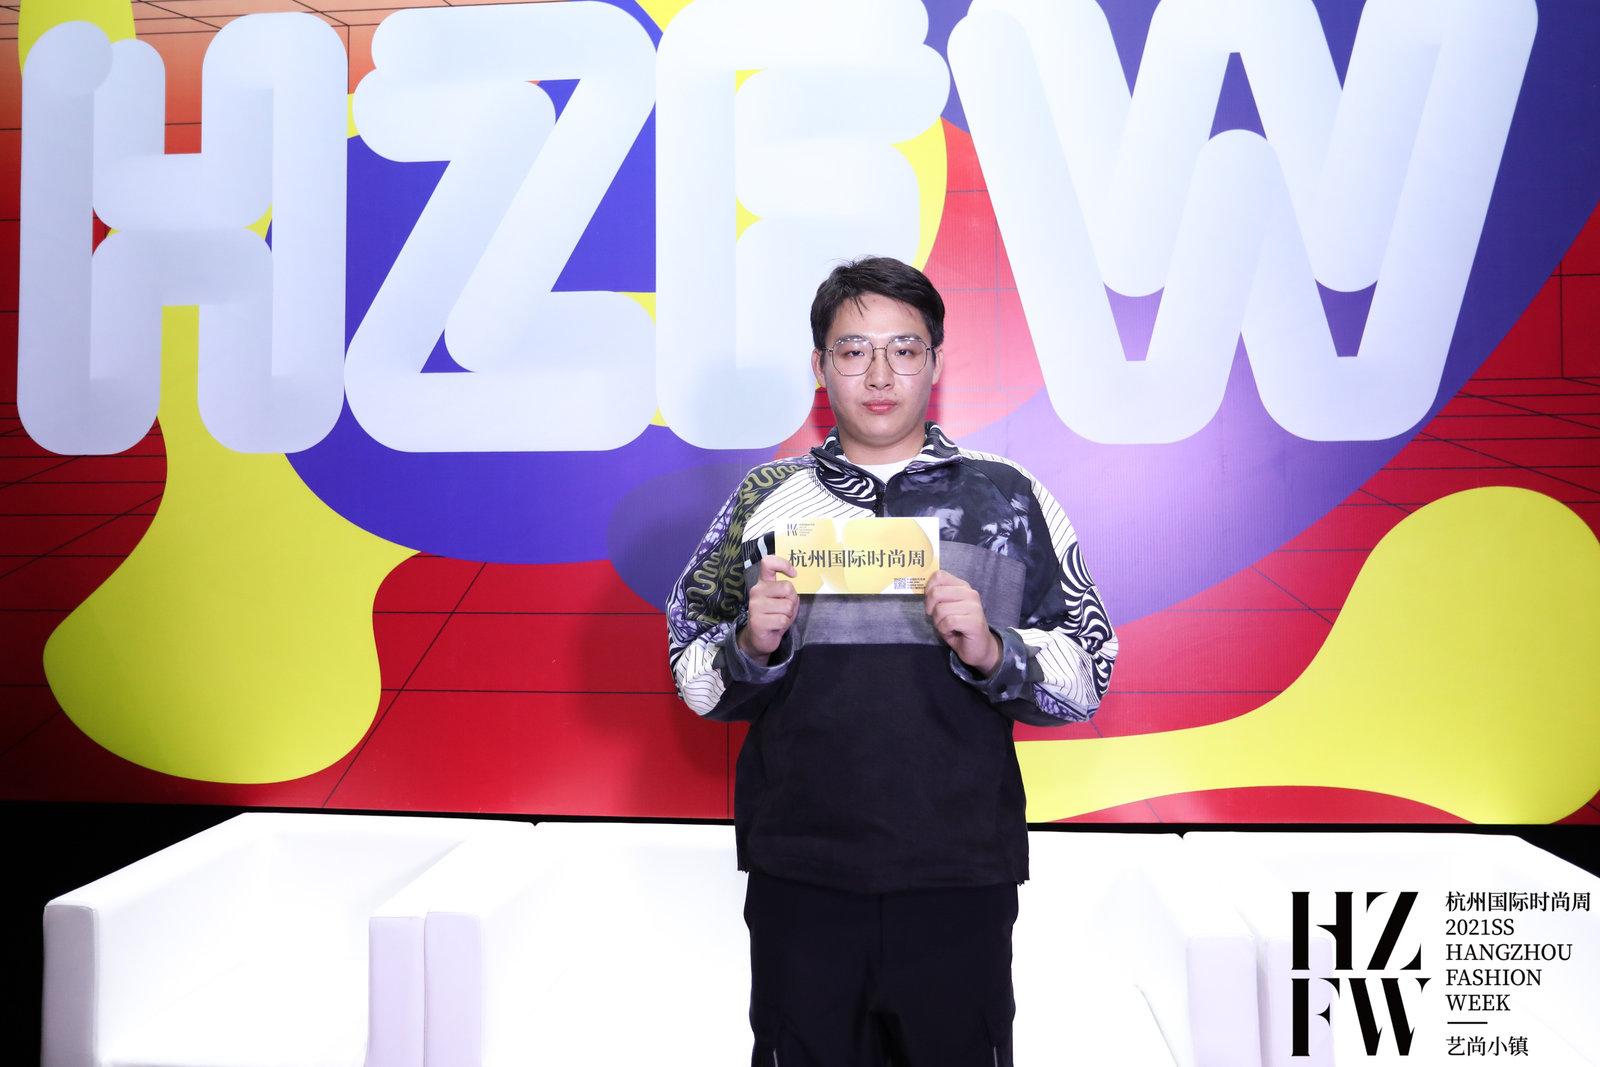 2021ss杭州國際時尚周|CFW時尚專訪-JUN君設計設計師陳康